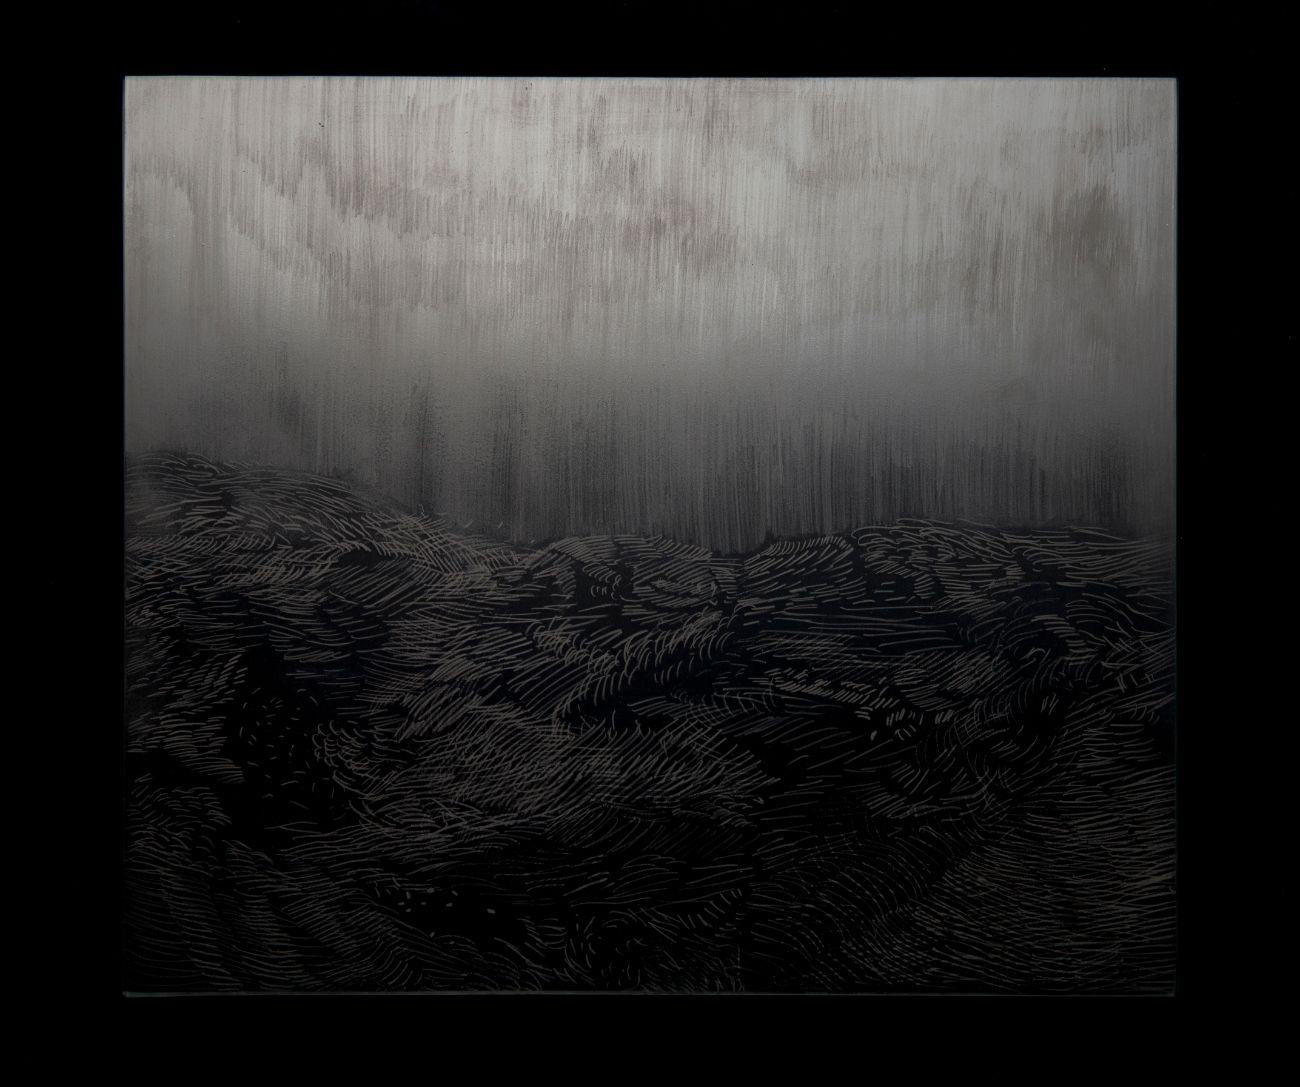 2. zo série Oceano, 35x30cm, maľba a kresba na skle, 2017